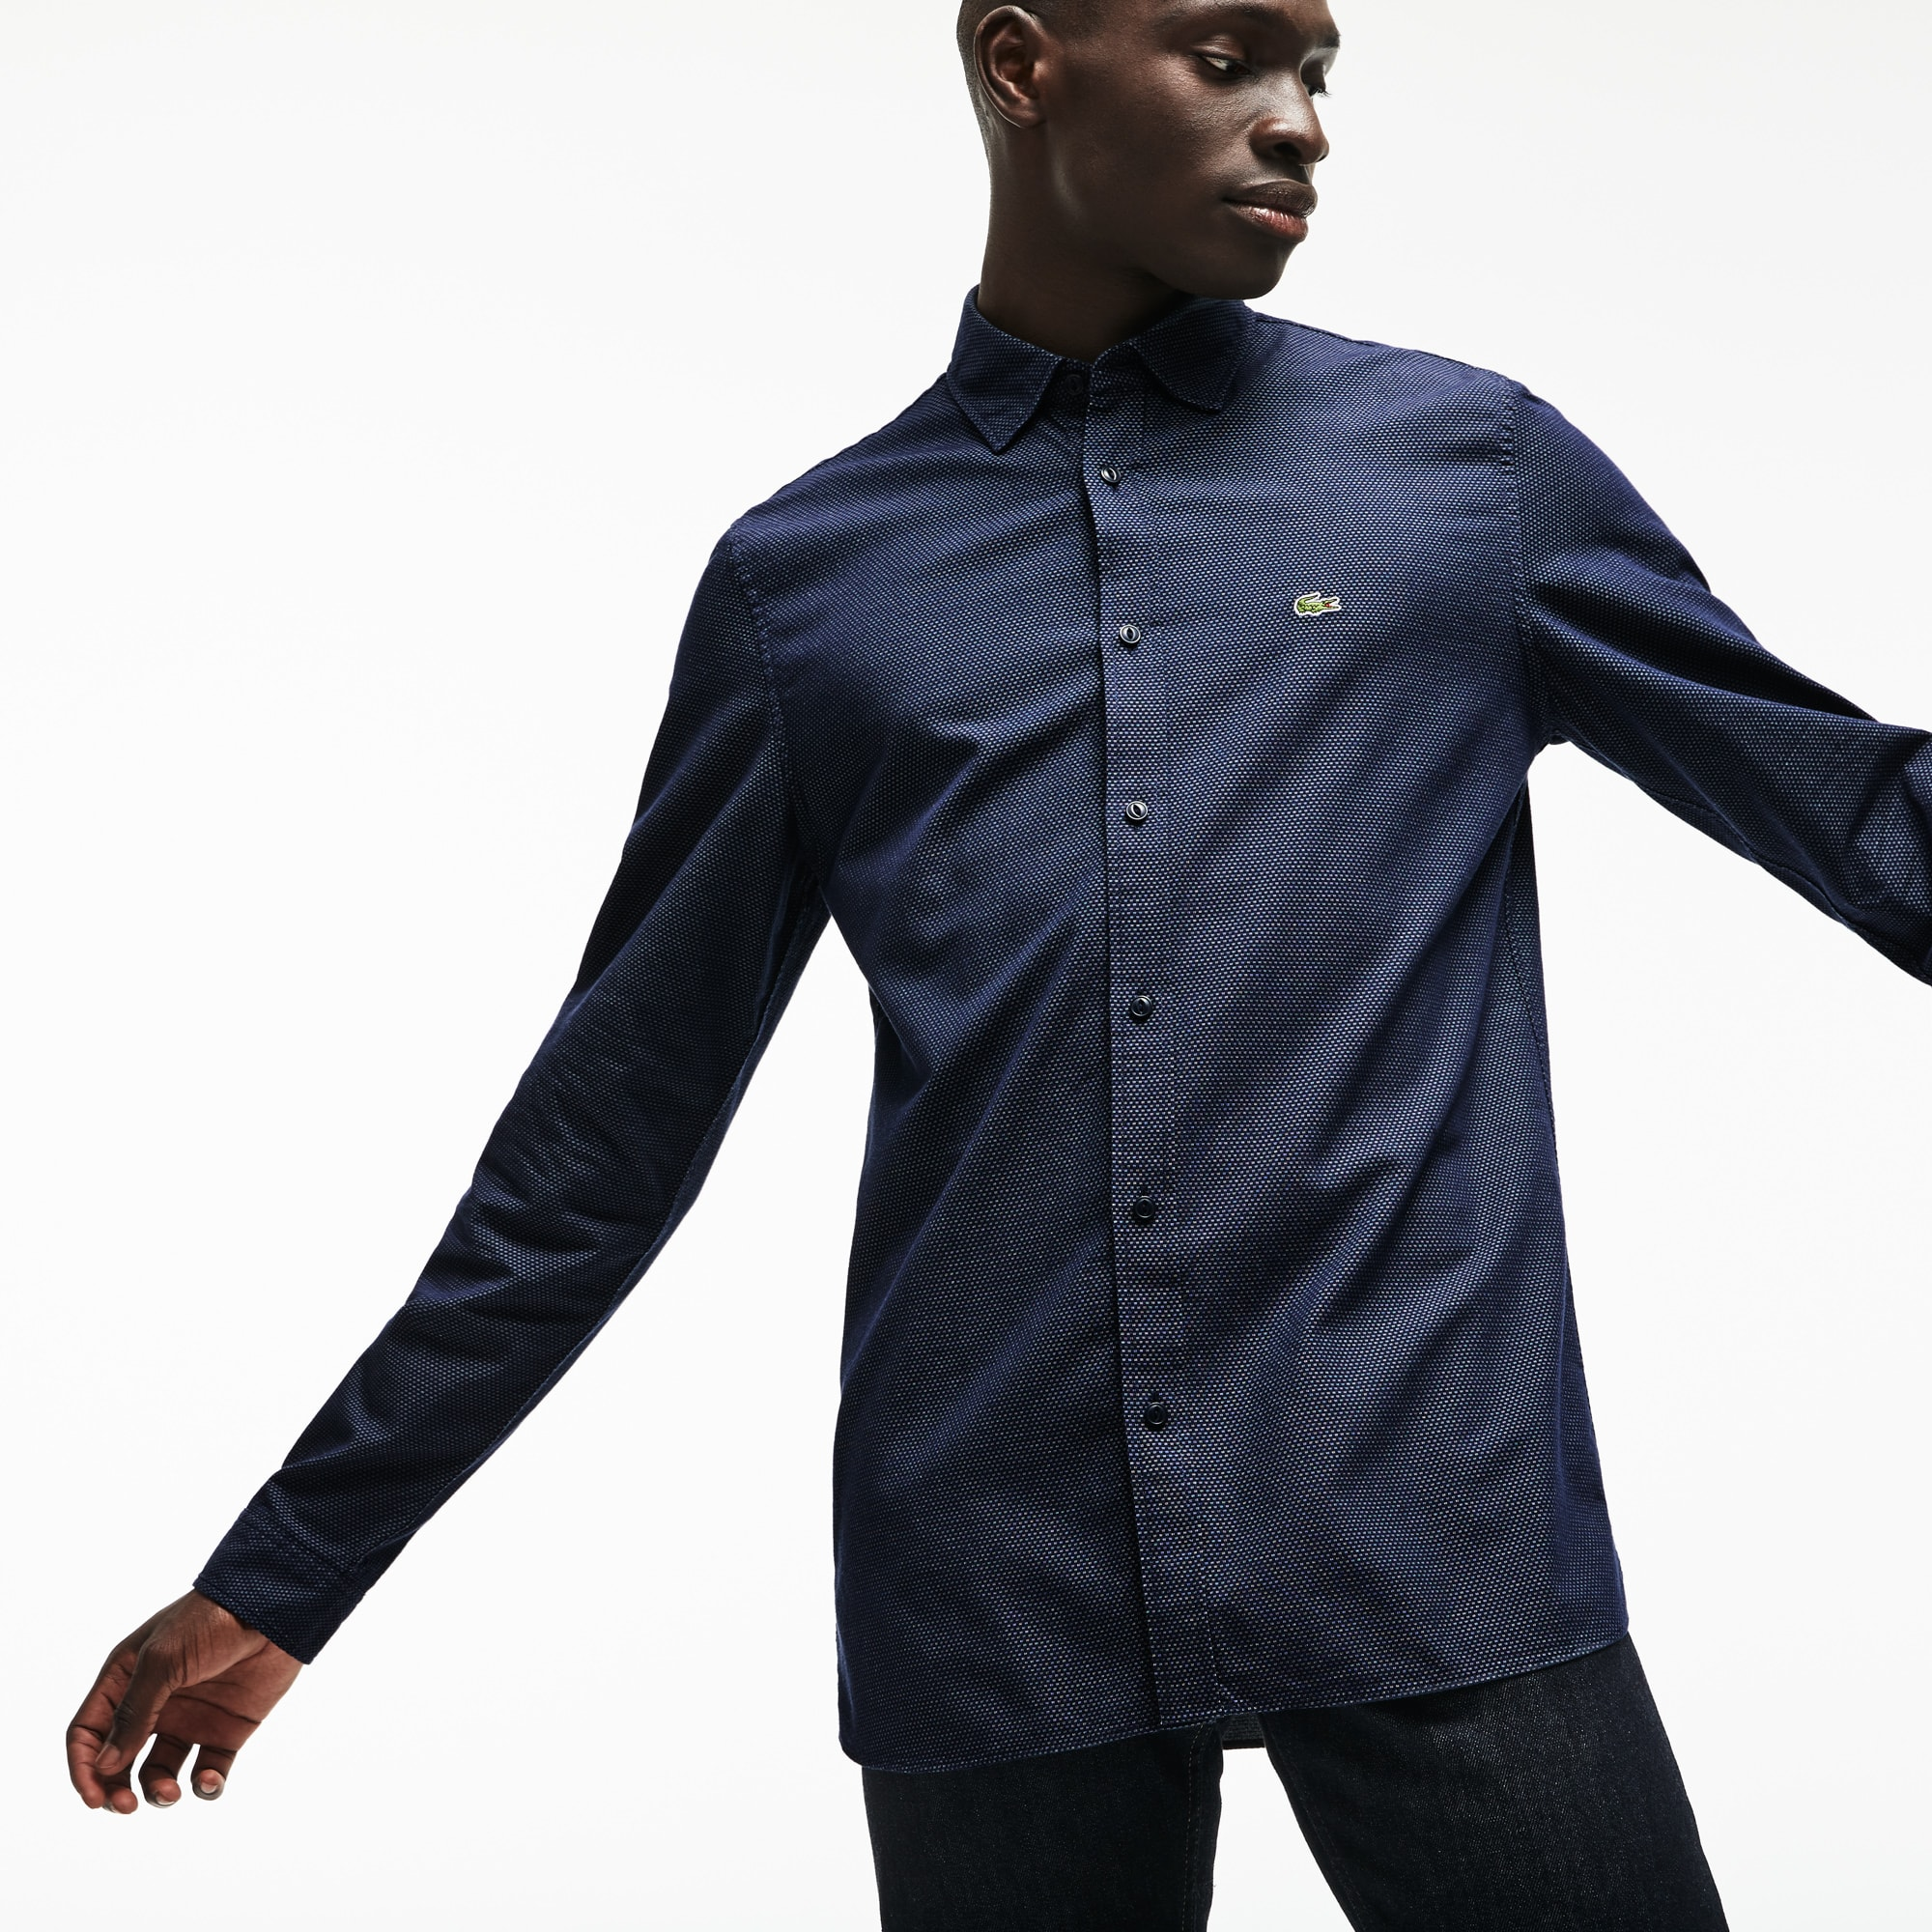 Men's Slim Fit Polka Dot Jacquard Poplin Shirt